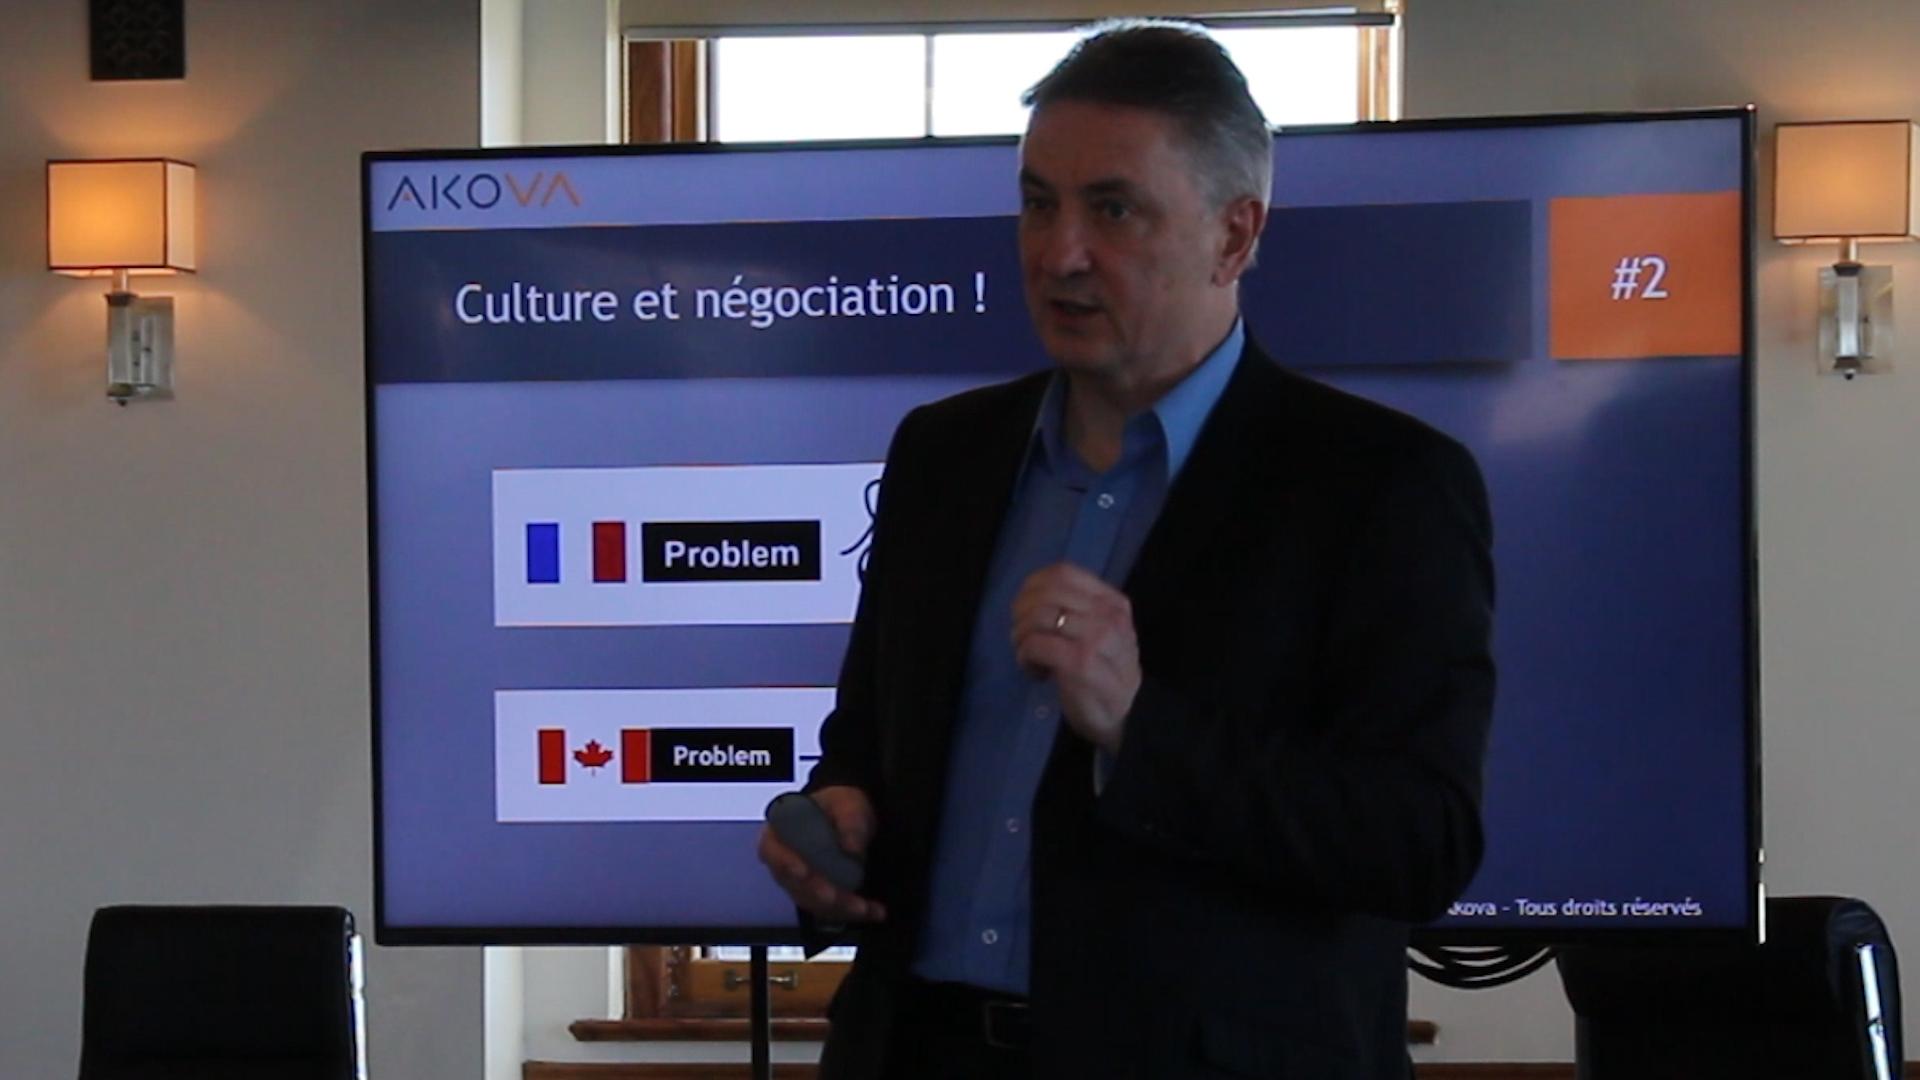 Le formateur Francis Bélime présente, lors d'une formation sur le commerce international, les différences culturelles entre le Canada et la France